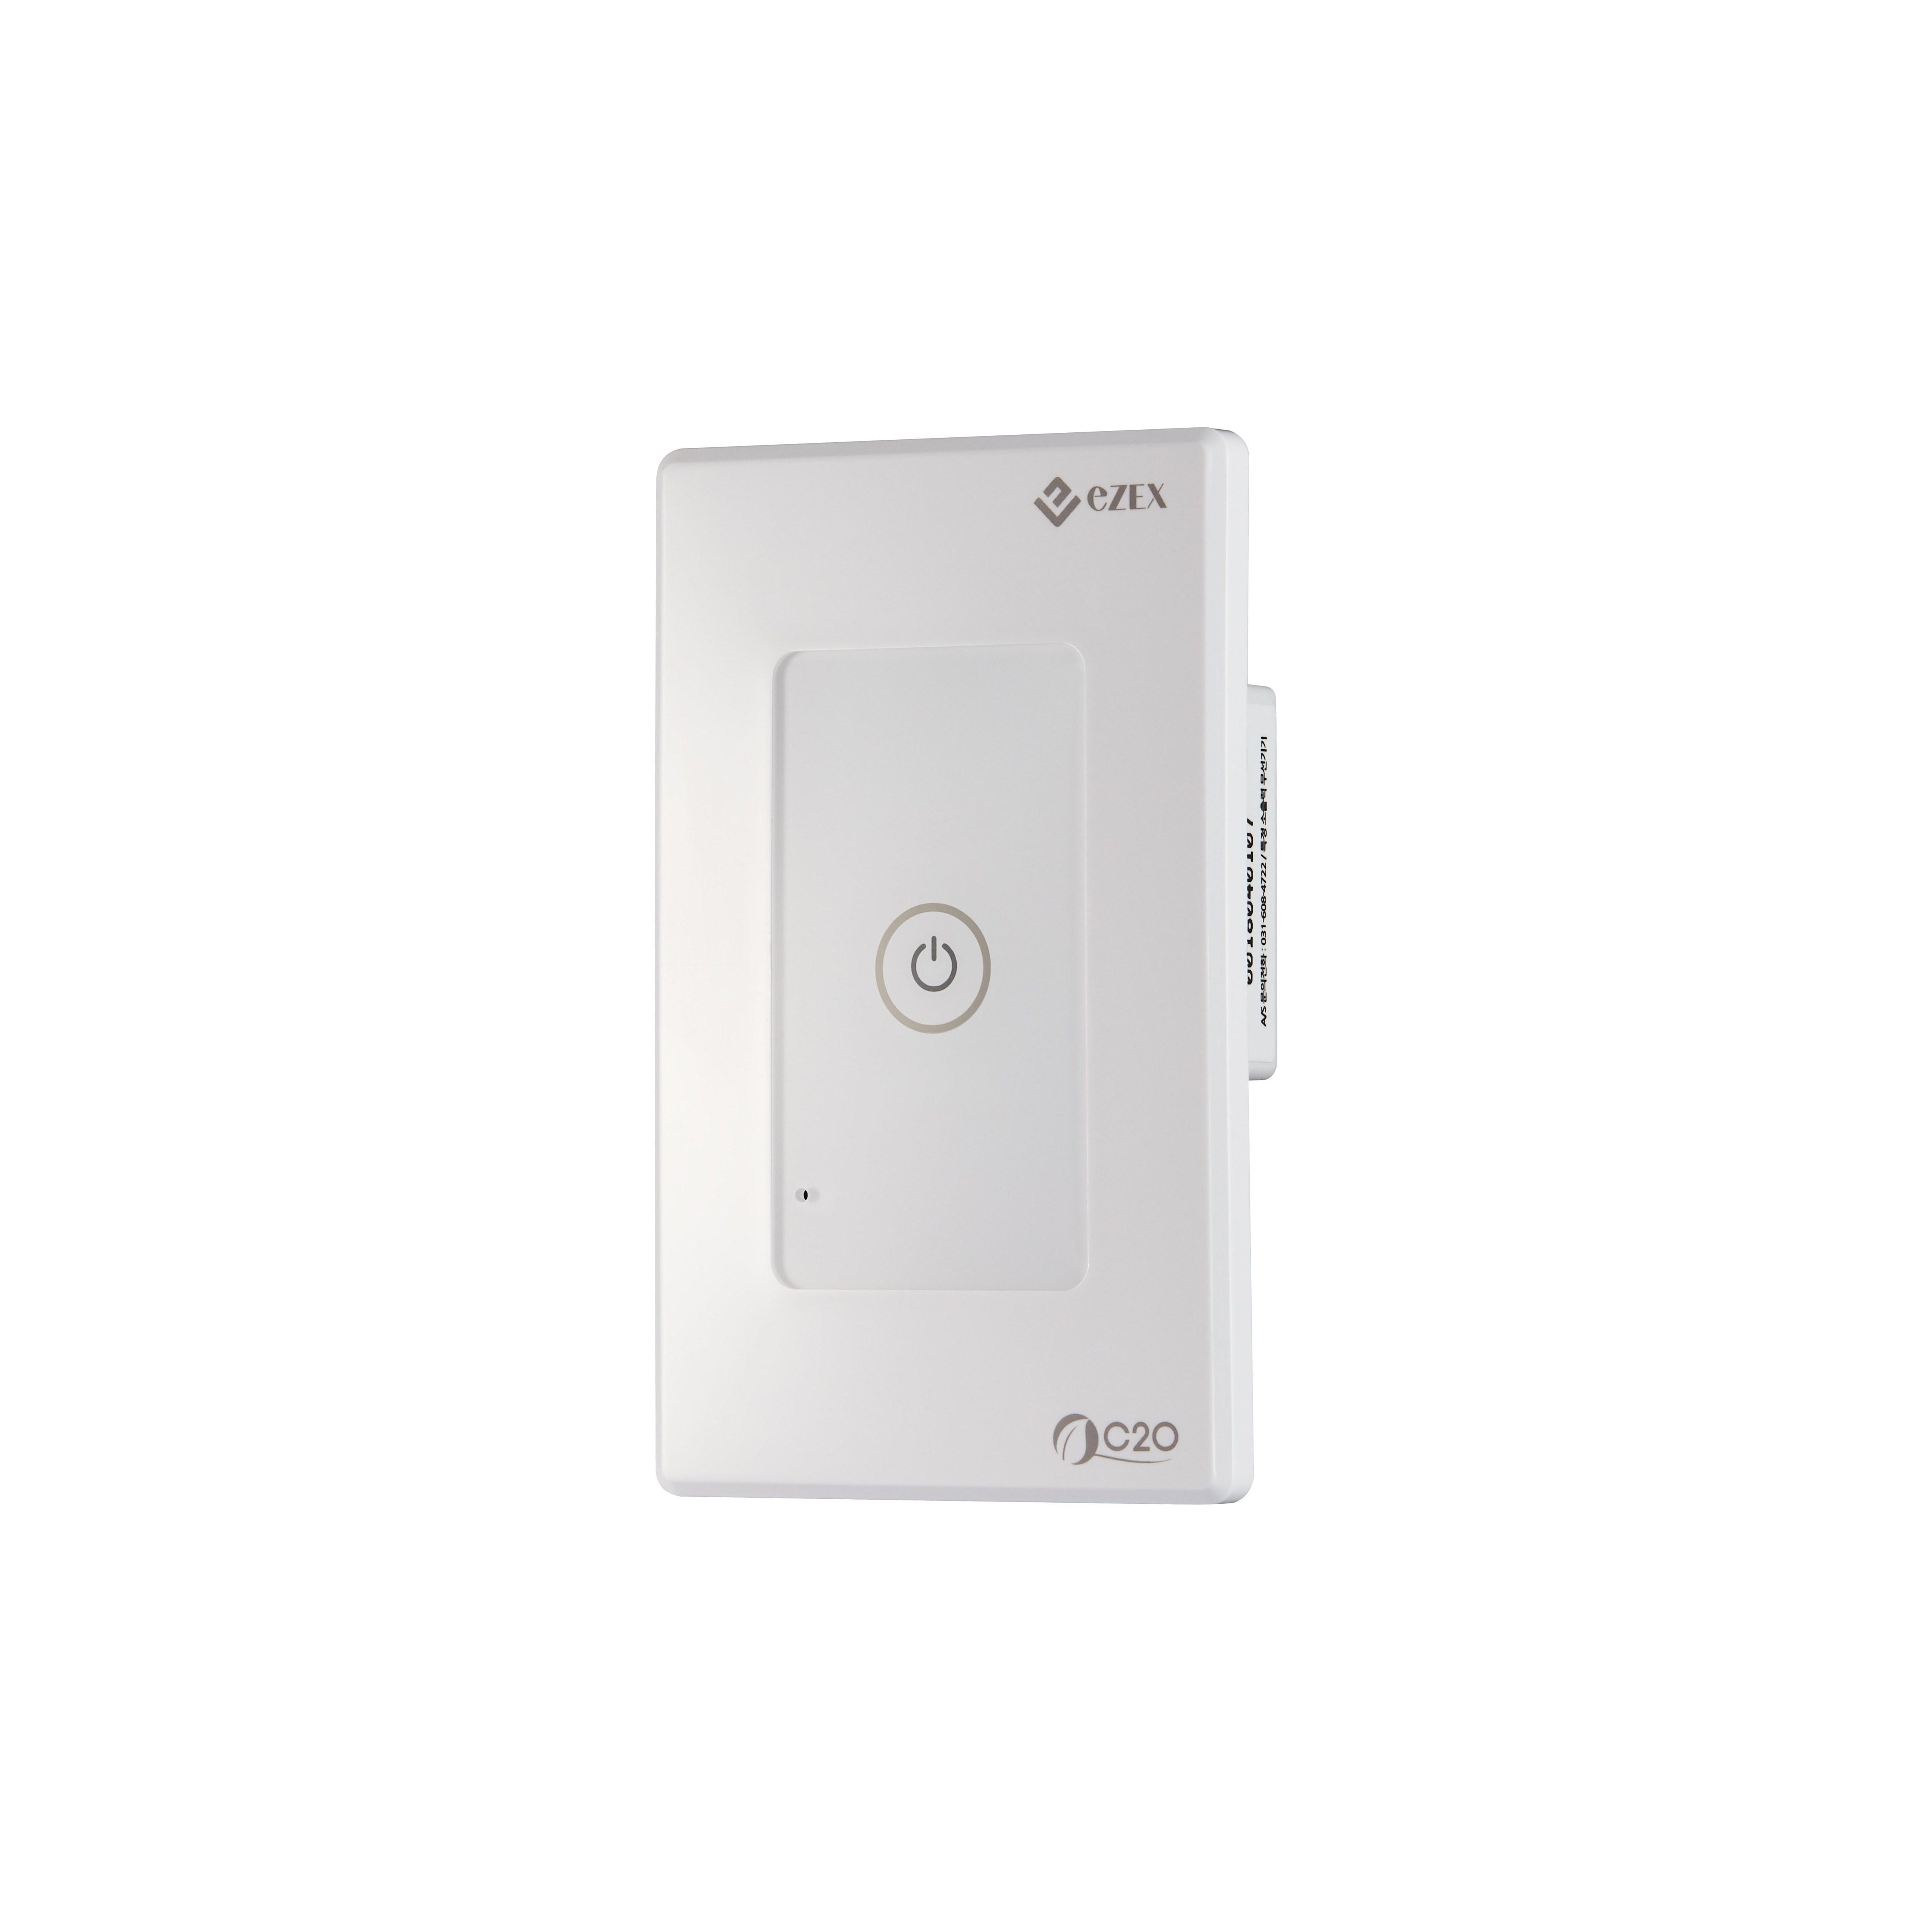 [C2O] WiFi 스마트 전등 스위치(1구) 구글 어시스턴트 네이버 클로바 카카오홈 연동 무선 전등스위치, 1개